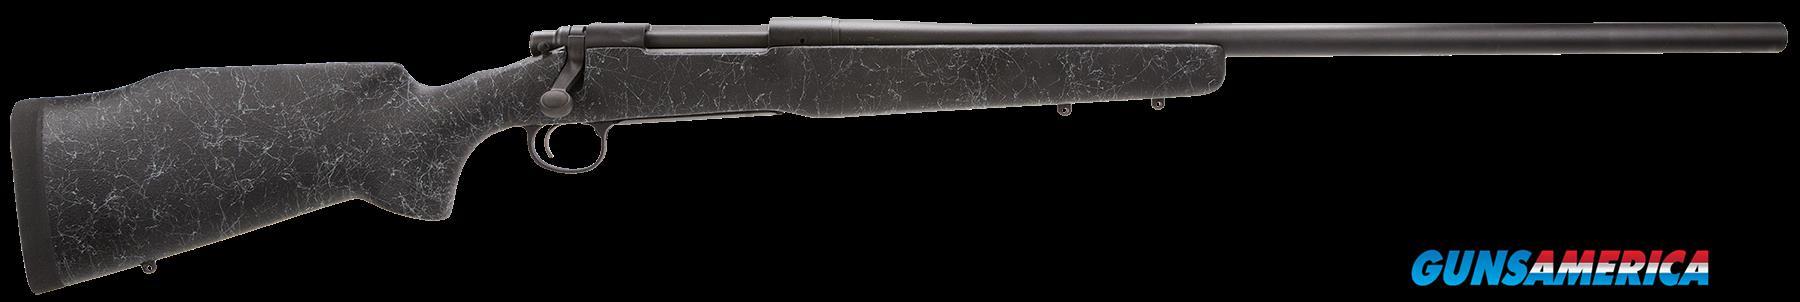 Remington Firearms 700, Rem.84163 700 M40 Lr 7mm Mag   Blk-gry  Guns > Pistols > 1911 Pistol Copies (non-Colt)